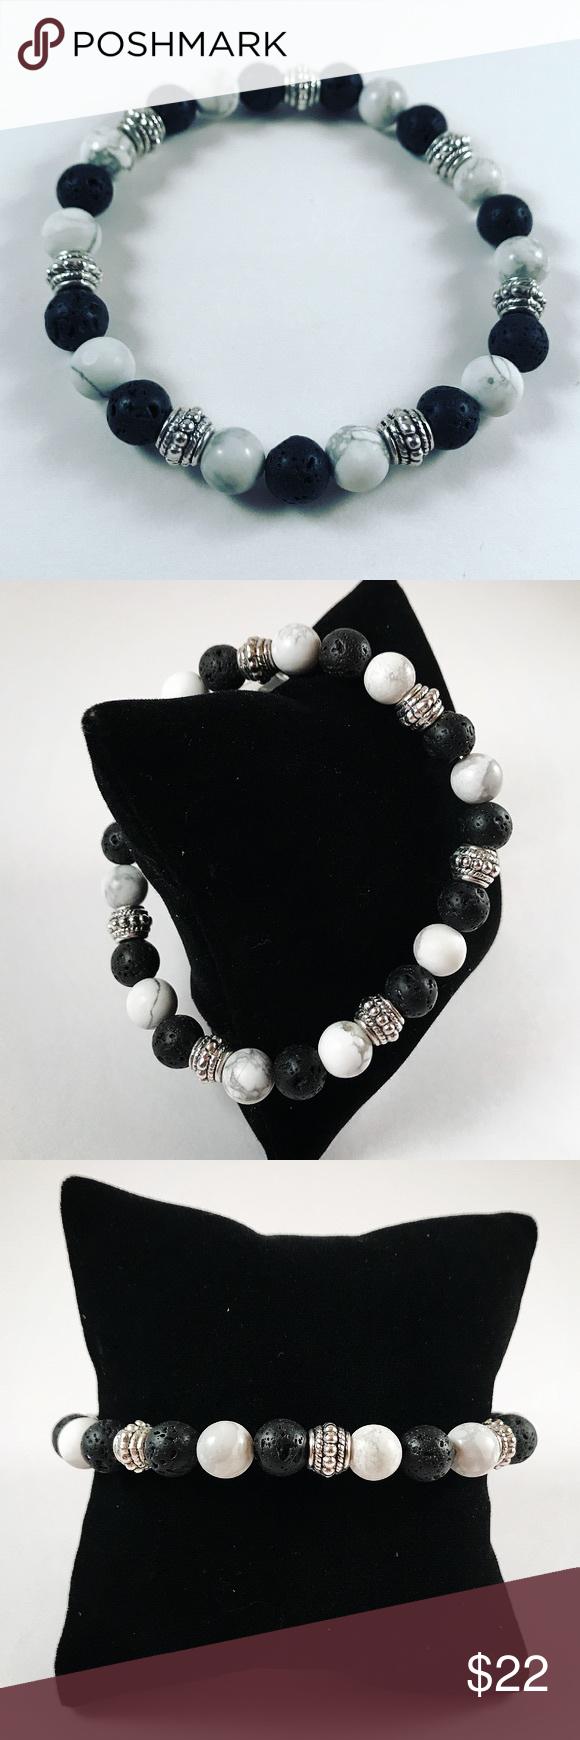 Men white howlite lava rock silver beaded bracelet men bead